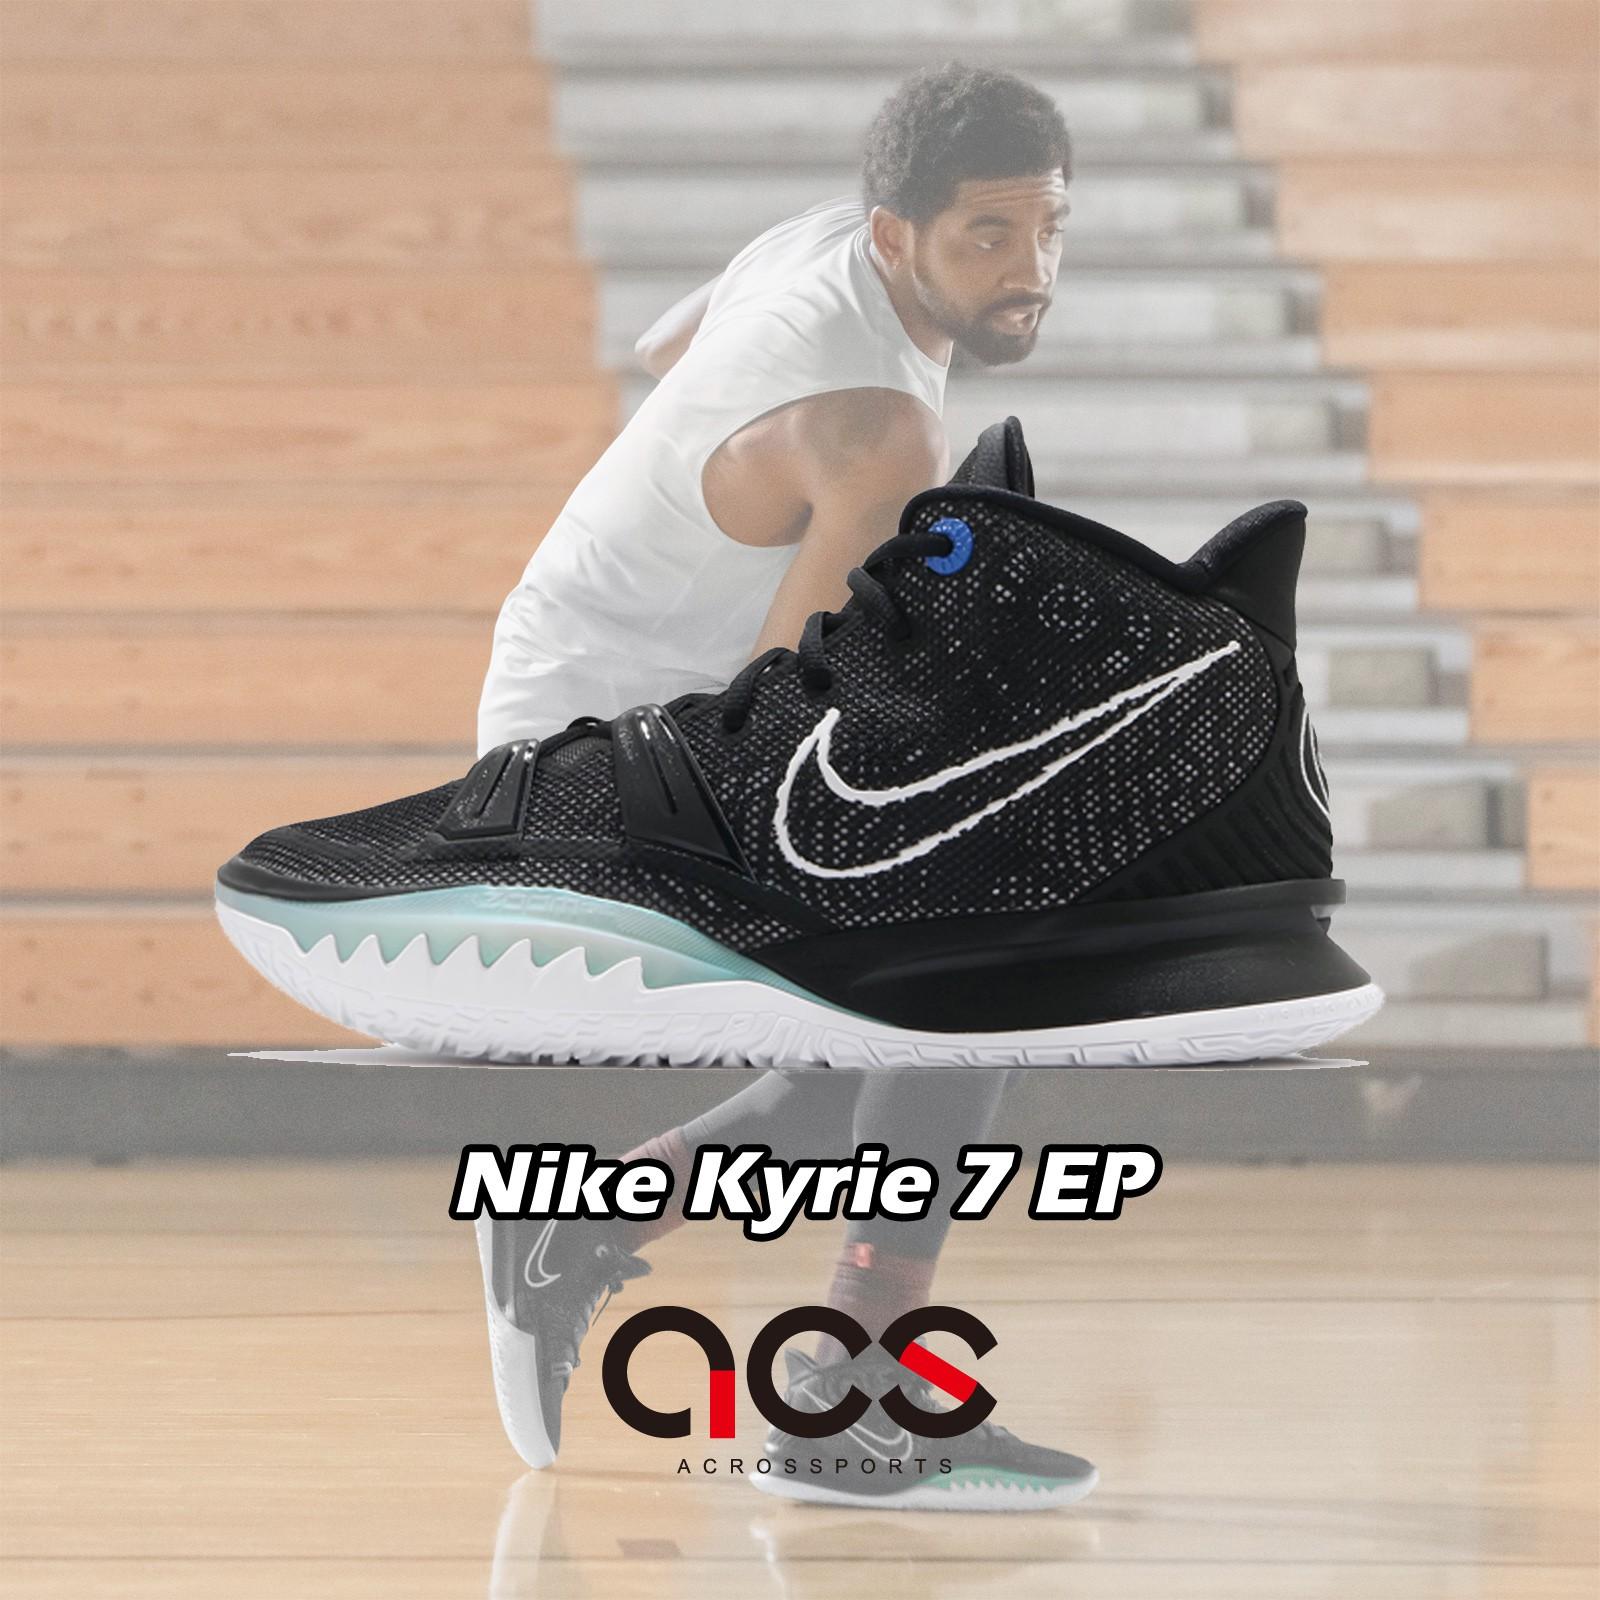 Nike 籃球鞋 Kyrie 7 EP BK Black 黑 白 男鞋 Irving 【ACS】 CQ9327-002